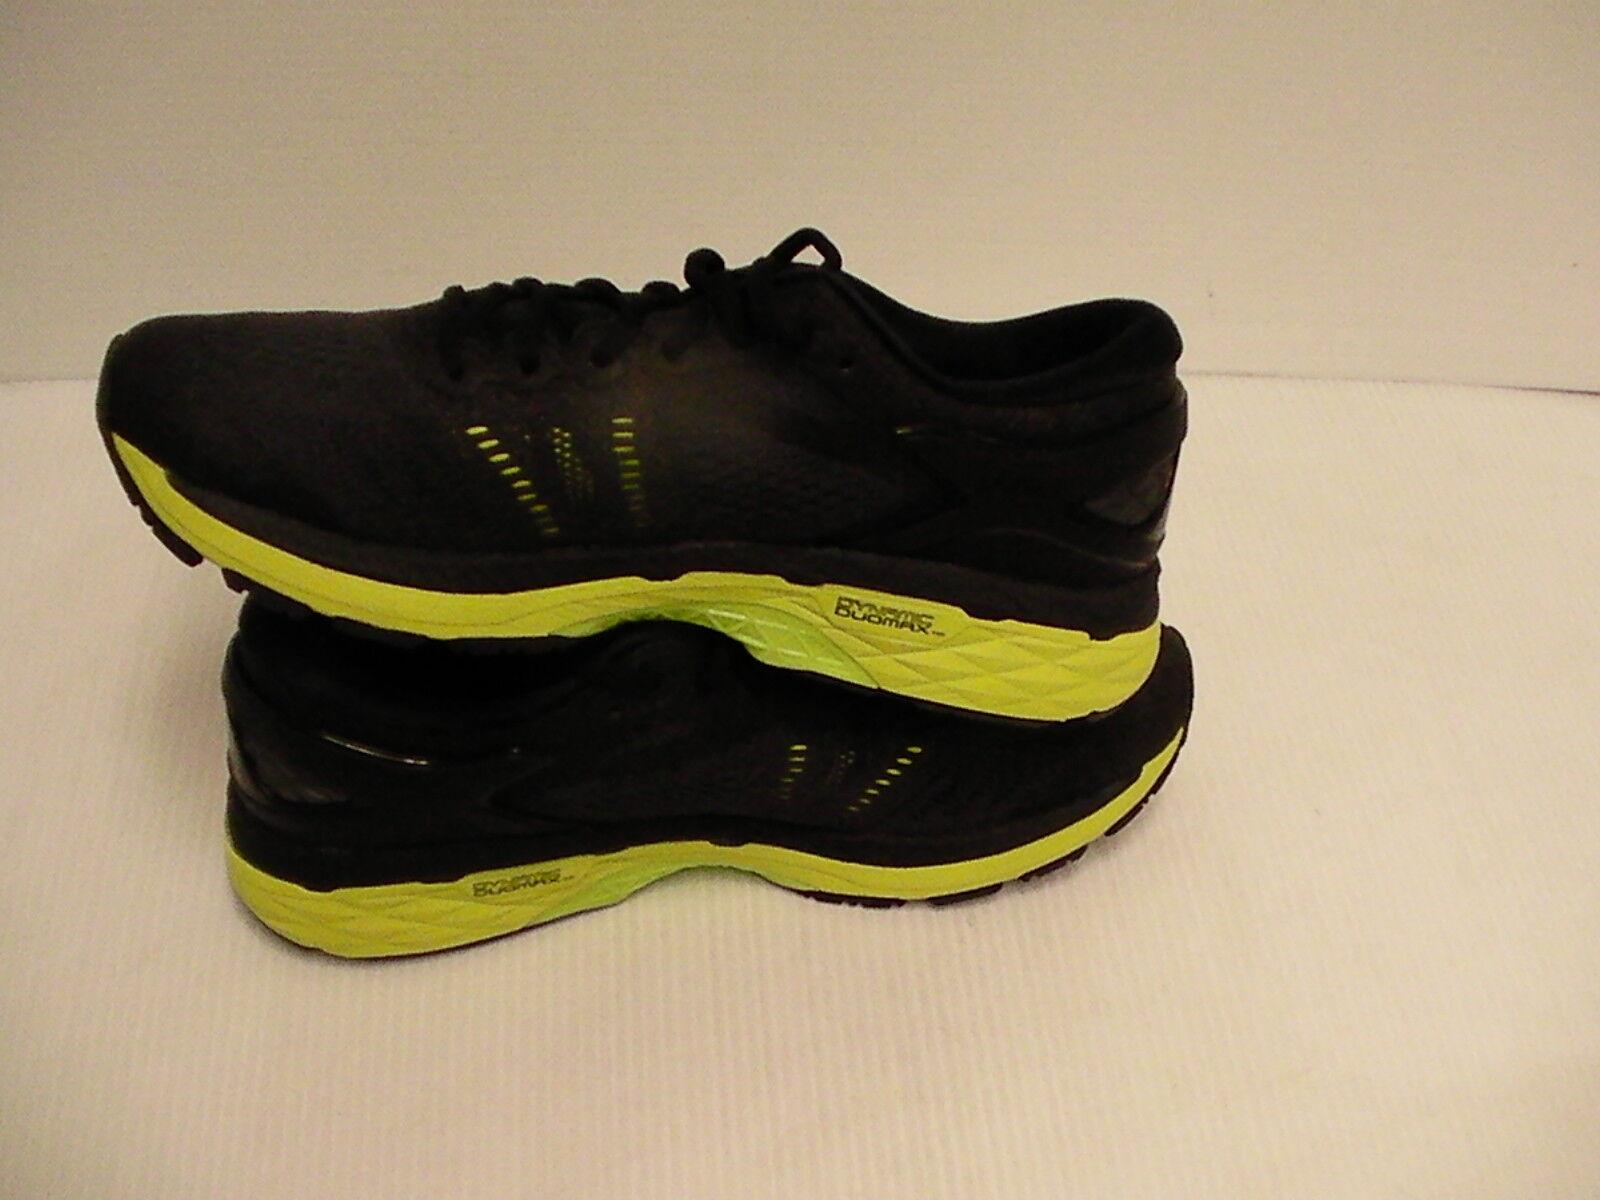 Gecko 10 5 Noir Asics 24 Chaussures Kayano Gel Homme Course Vert 6aaqgAvxF